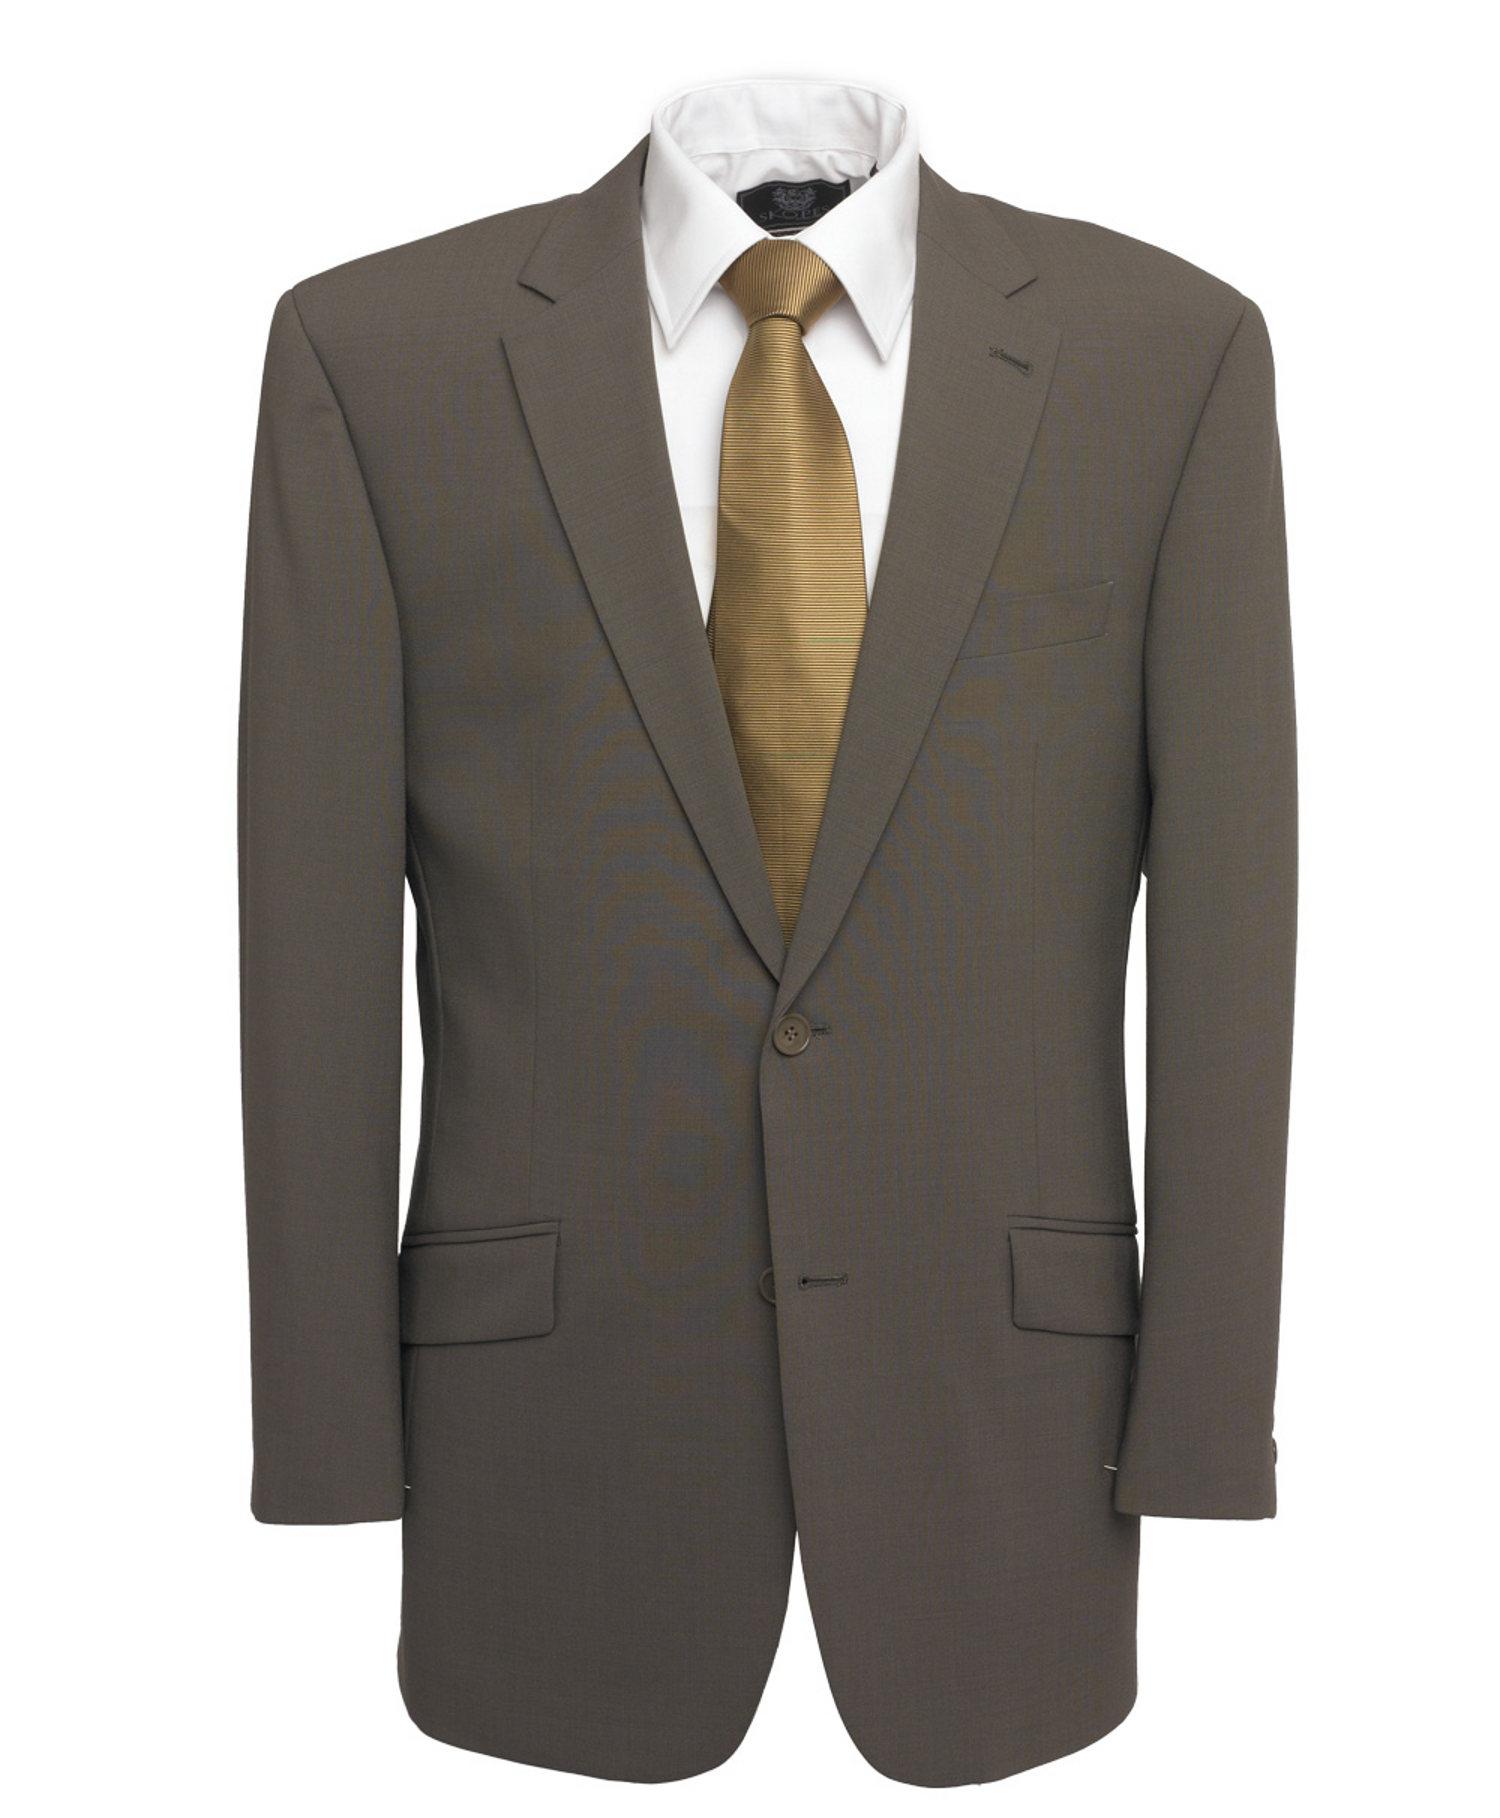 Taupe 3 Piece Suit